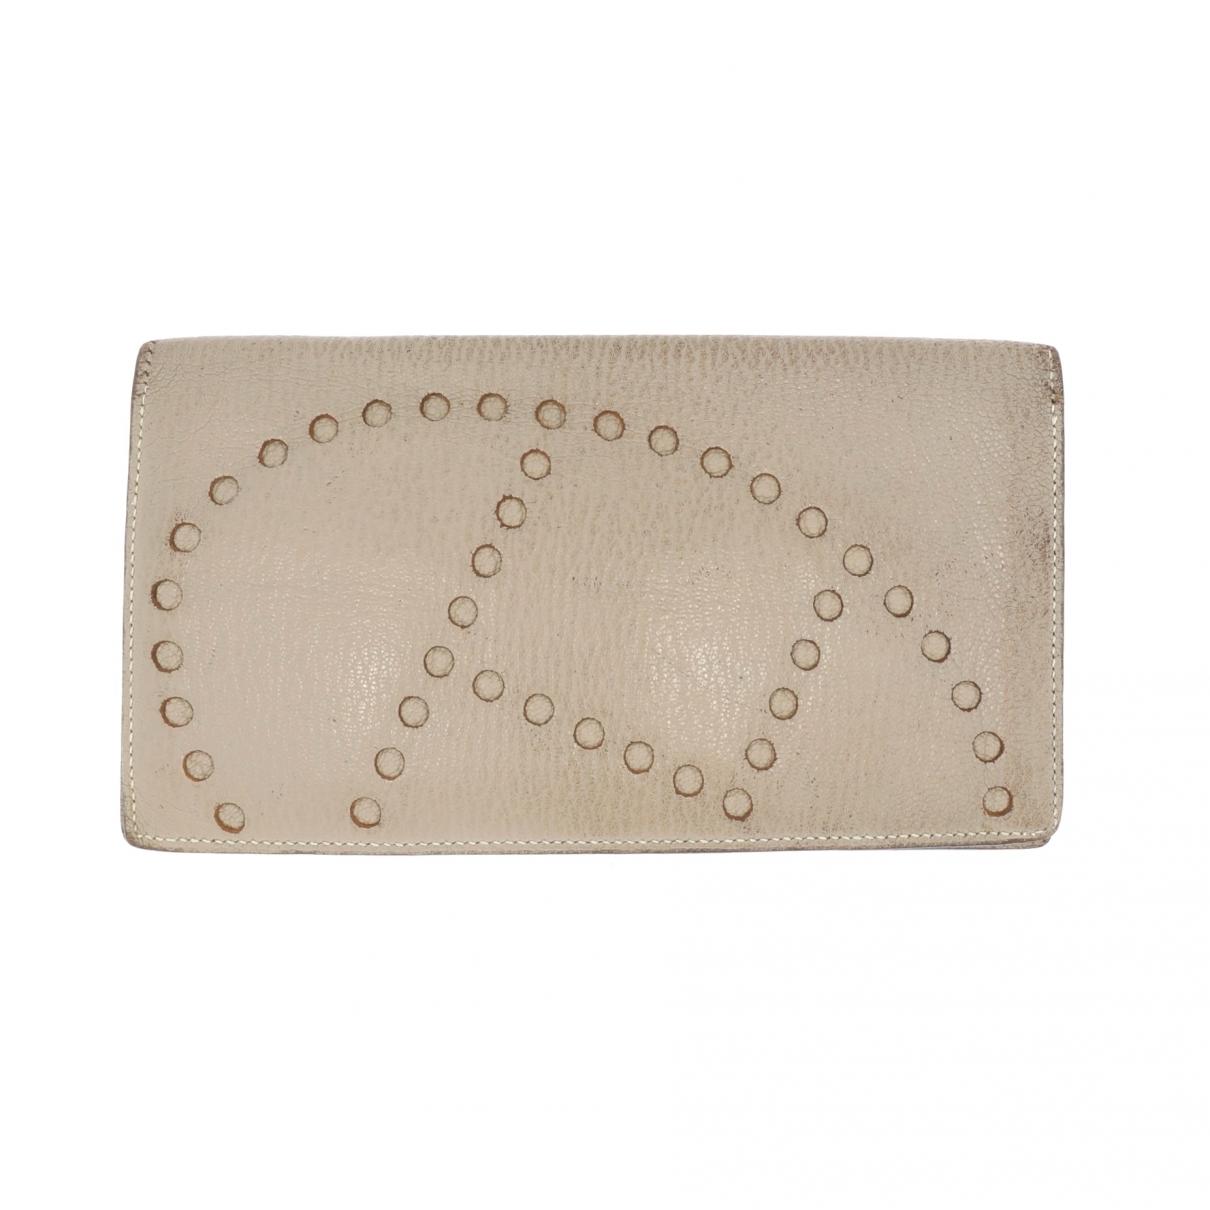 Hermès Evelyne Beige Leather wallet for Women \N